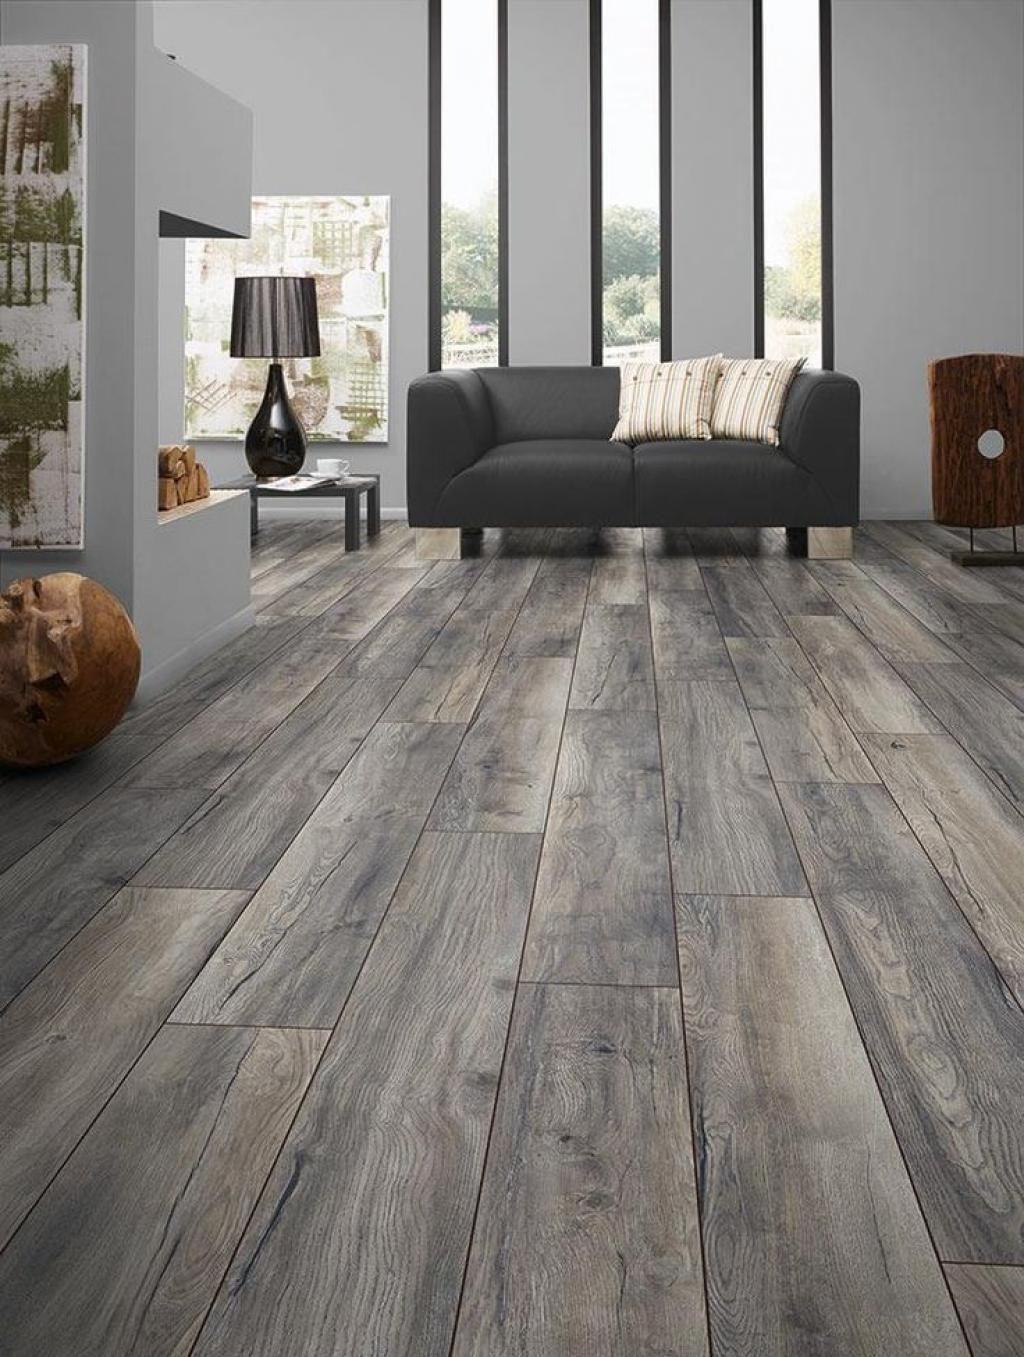 Minimalist Grey Laminate Flooring Seating Area